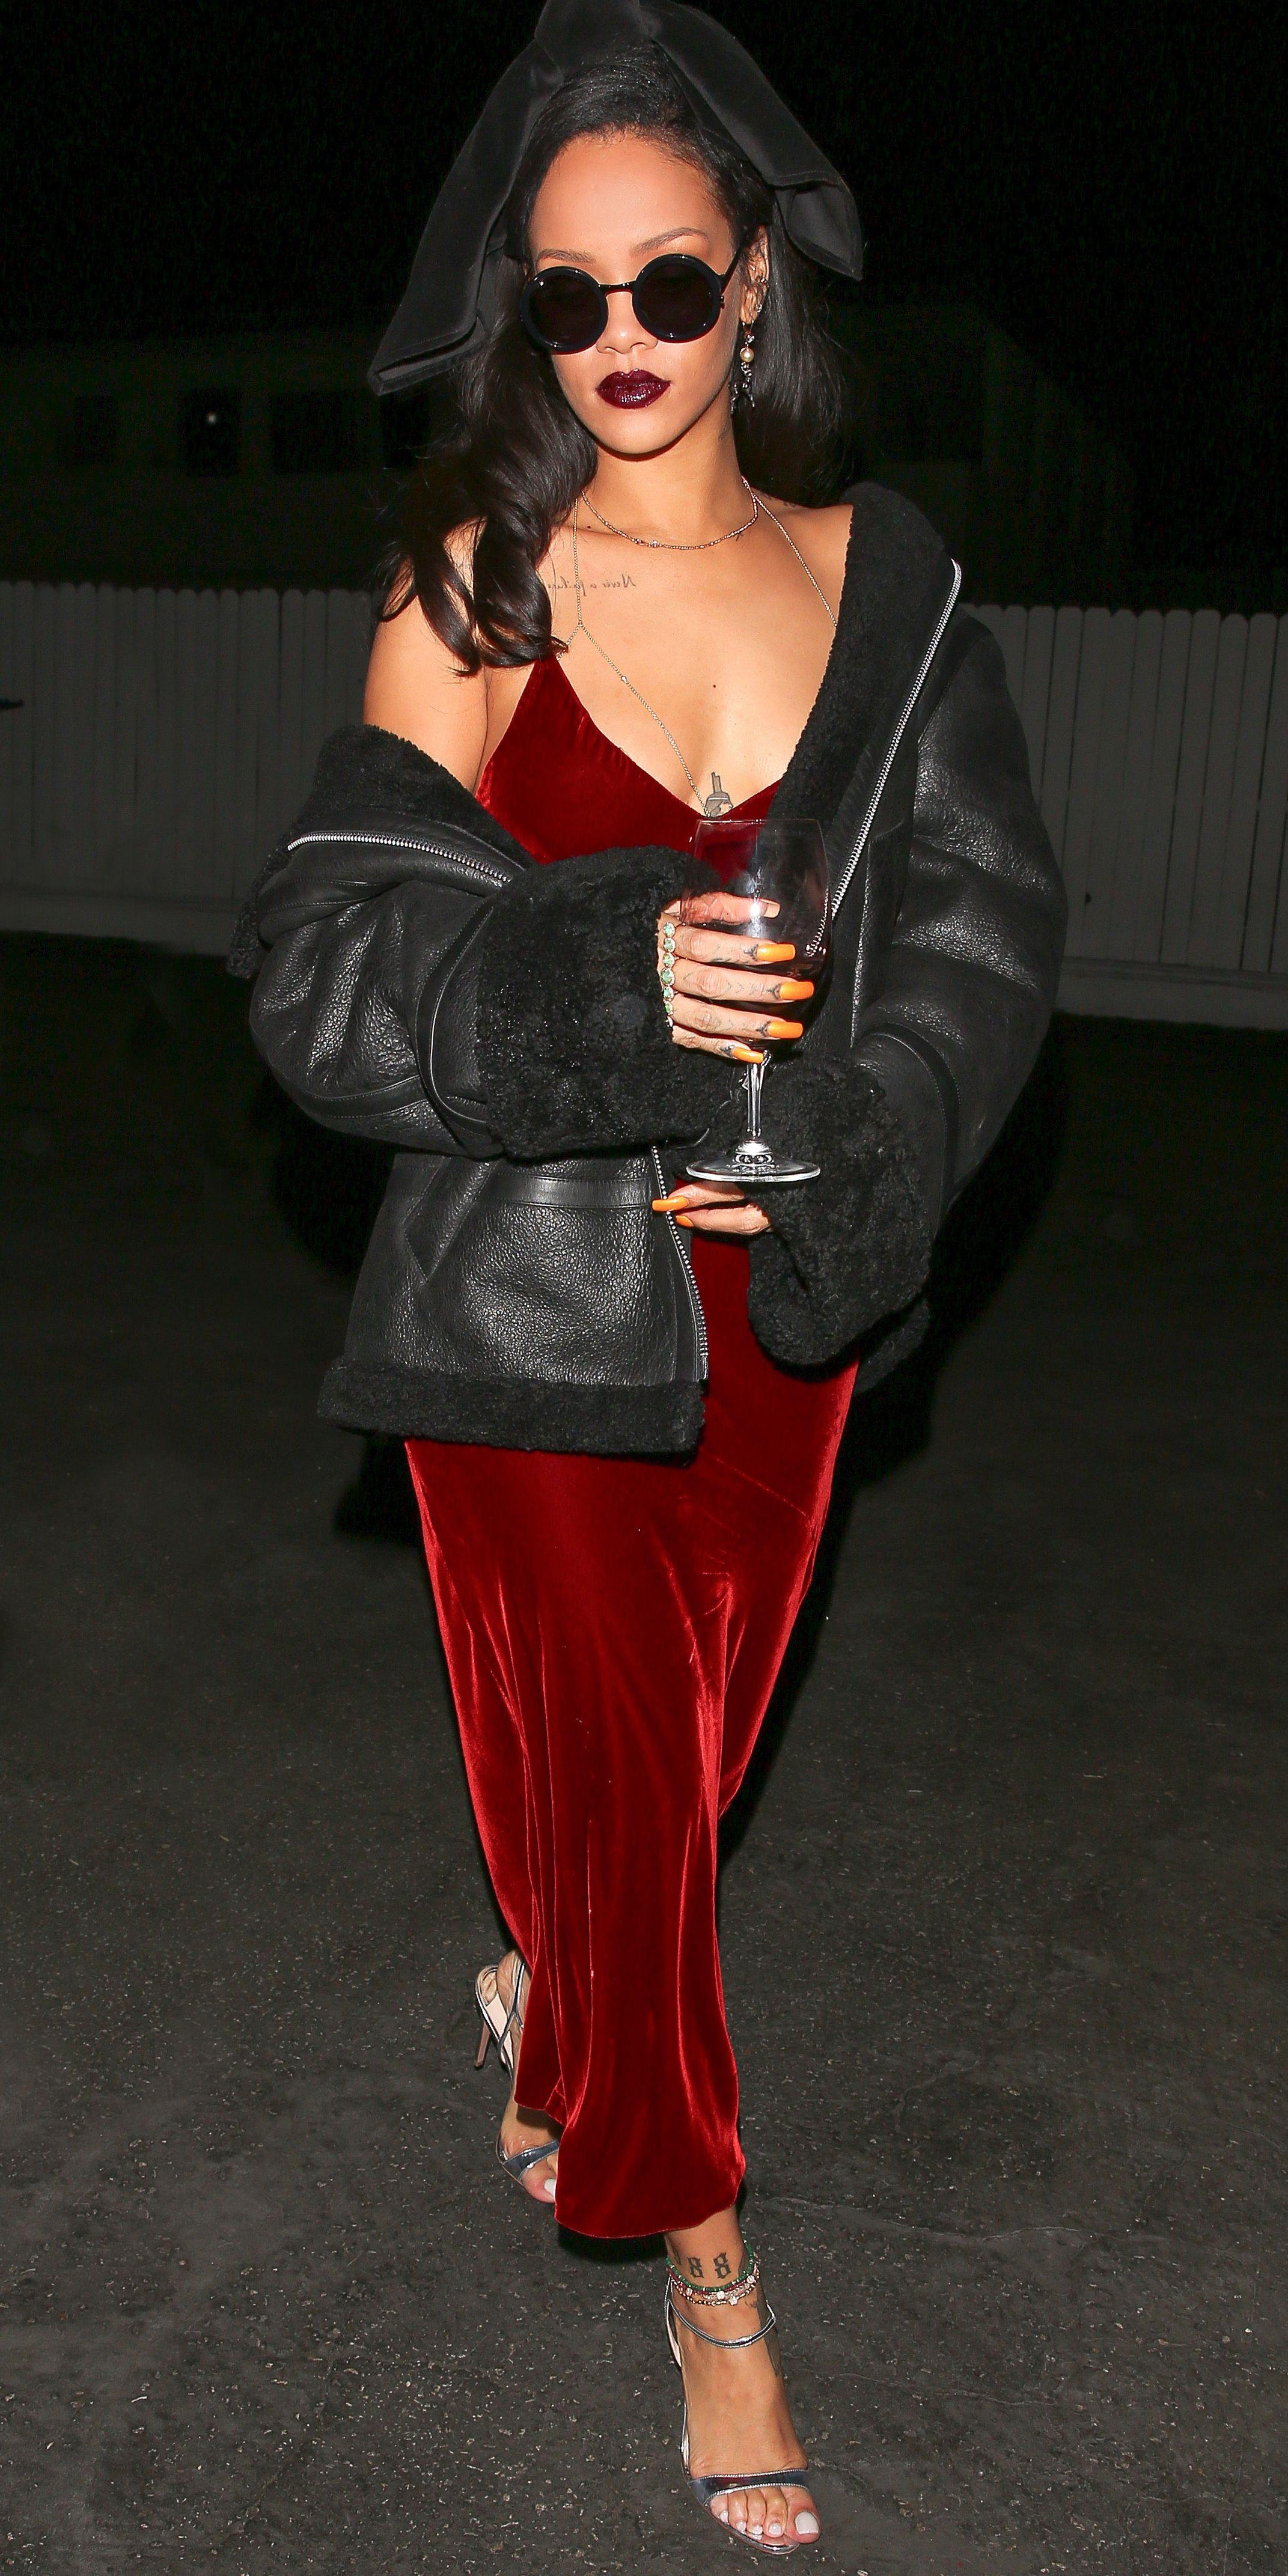 e74dfc00ef5e How to Wear a Slip Dress Like Rihanna